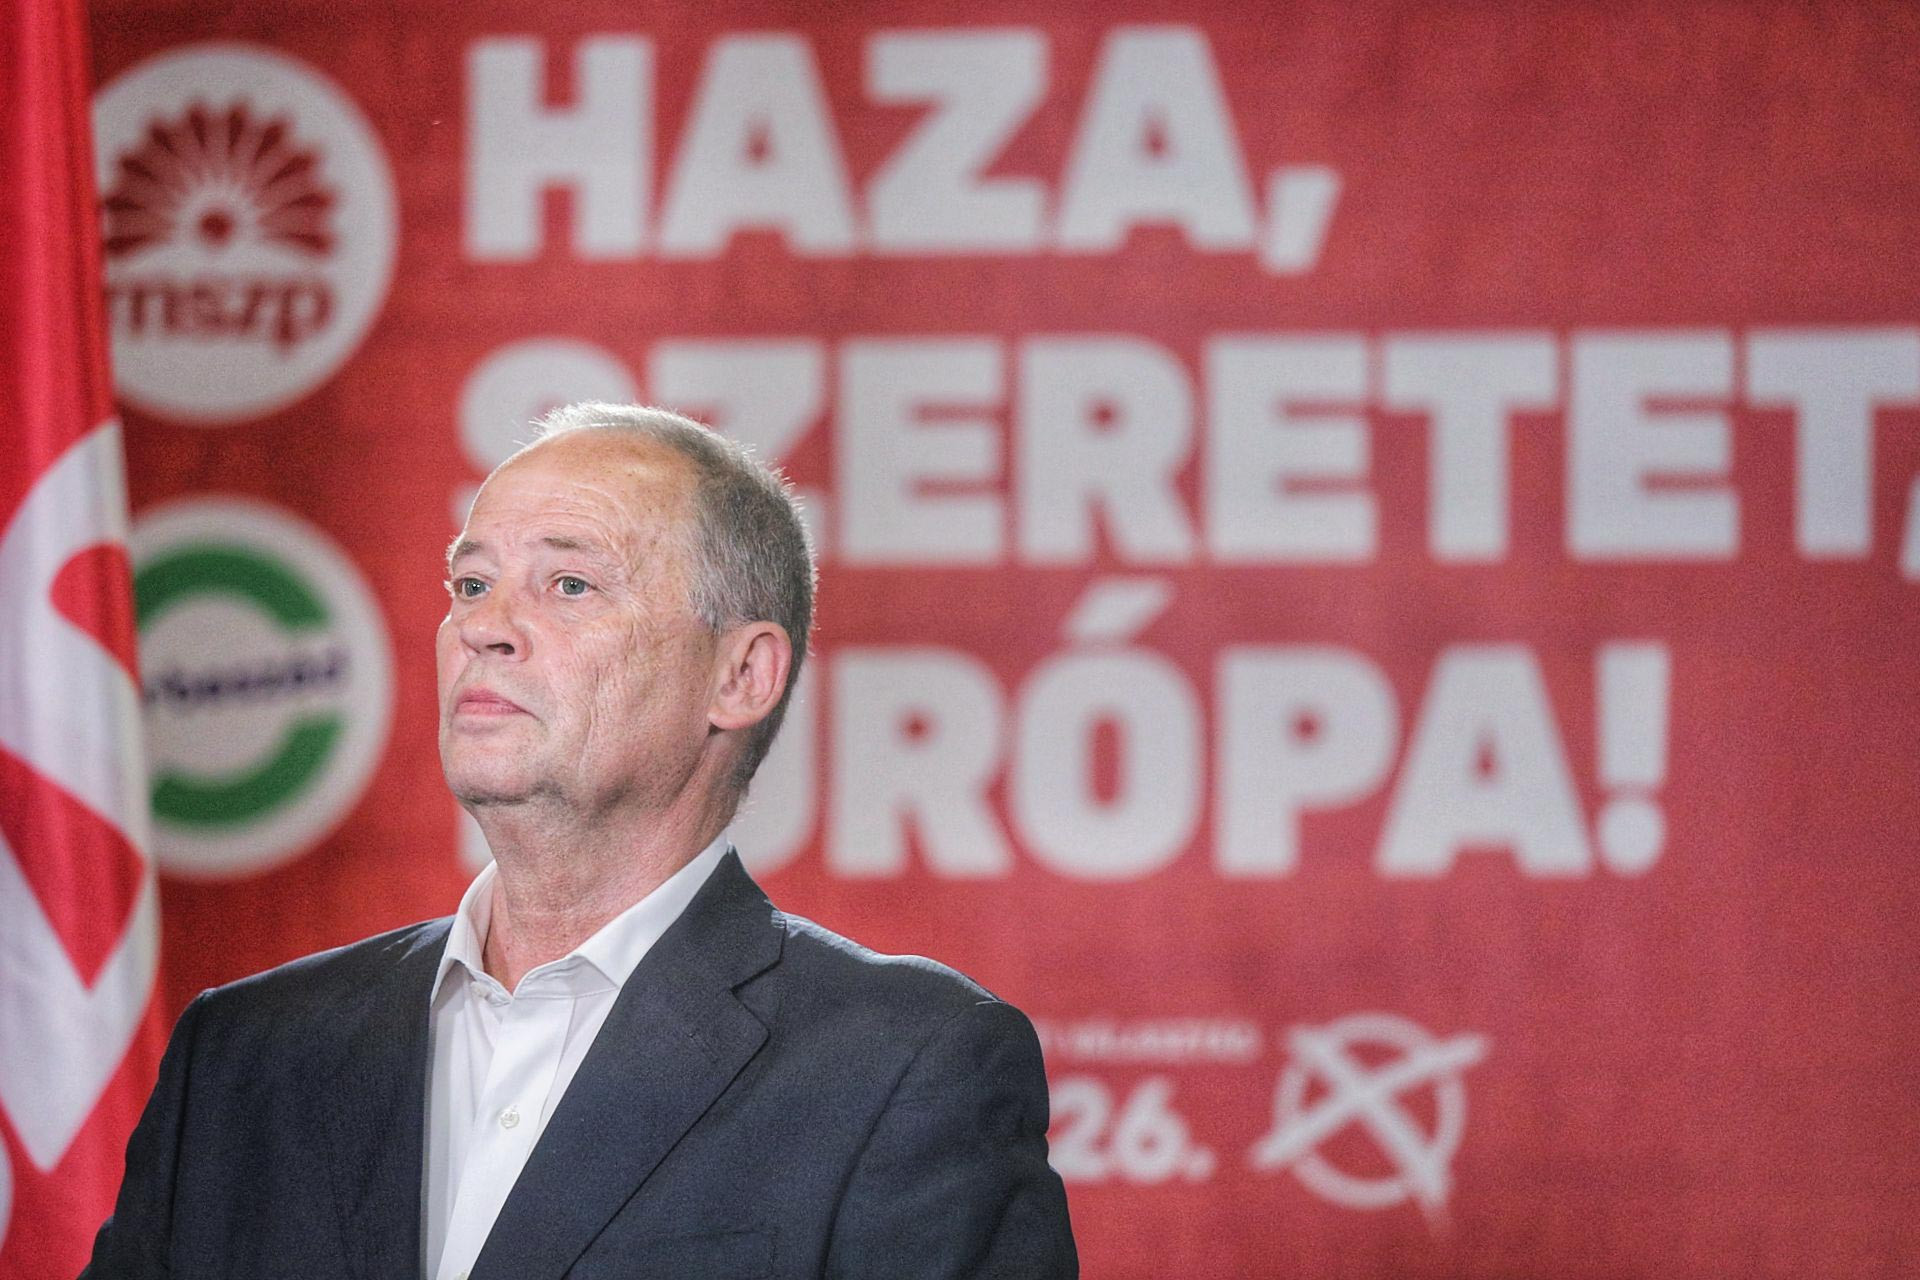 Ködös jövő. Egyelőre nem lehet tudni, hogy kit küld Brüsszelbe a szocialista párt, a majdani képviselő személyéről az MSZP választmánya fog dönteni